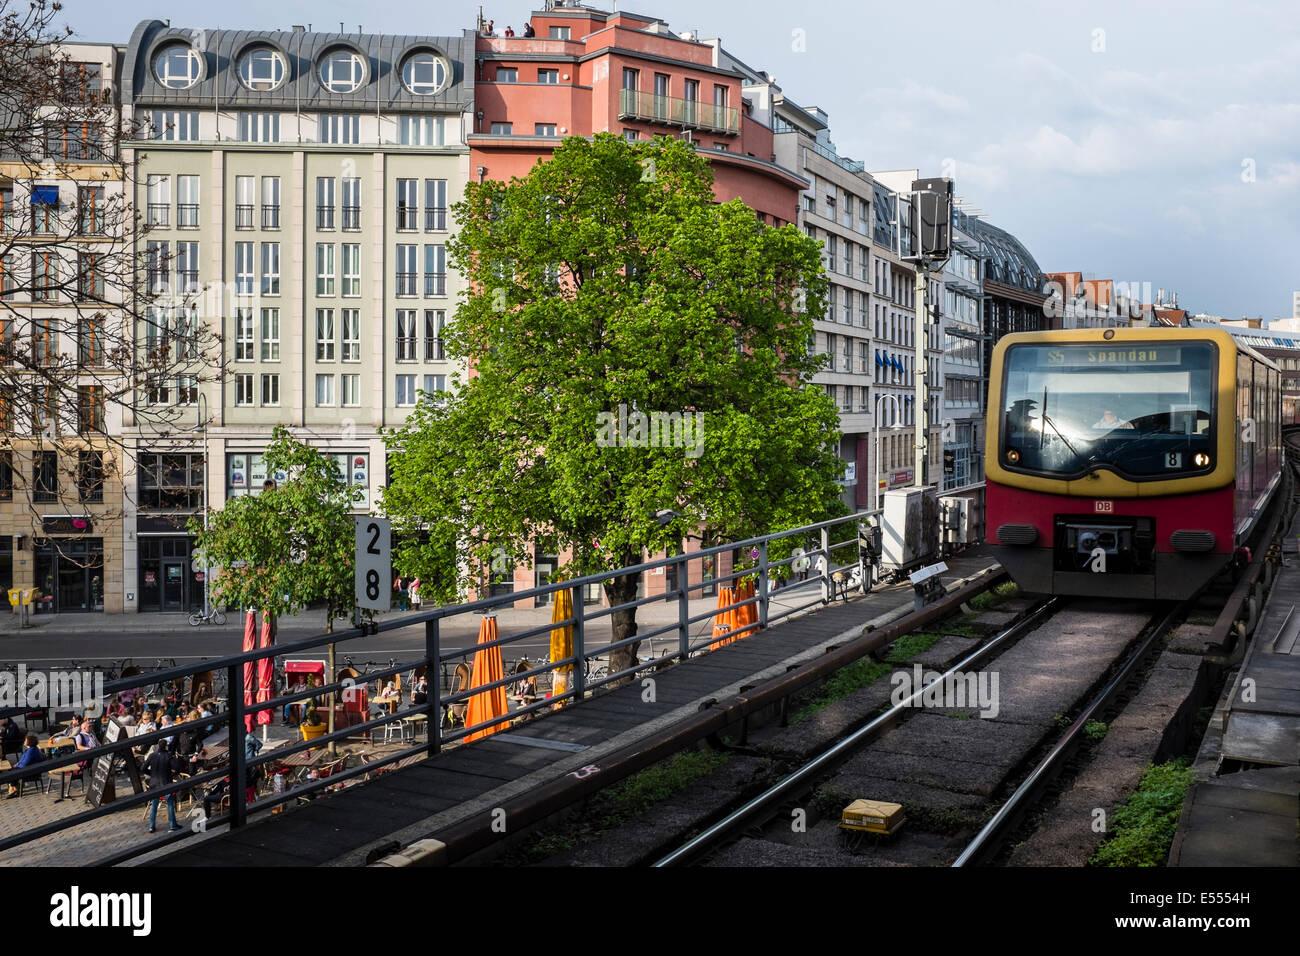 S-Bahn at Hackescher Markt, Berlin, Germany Stock Photo